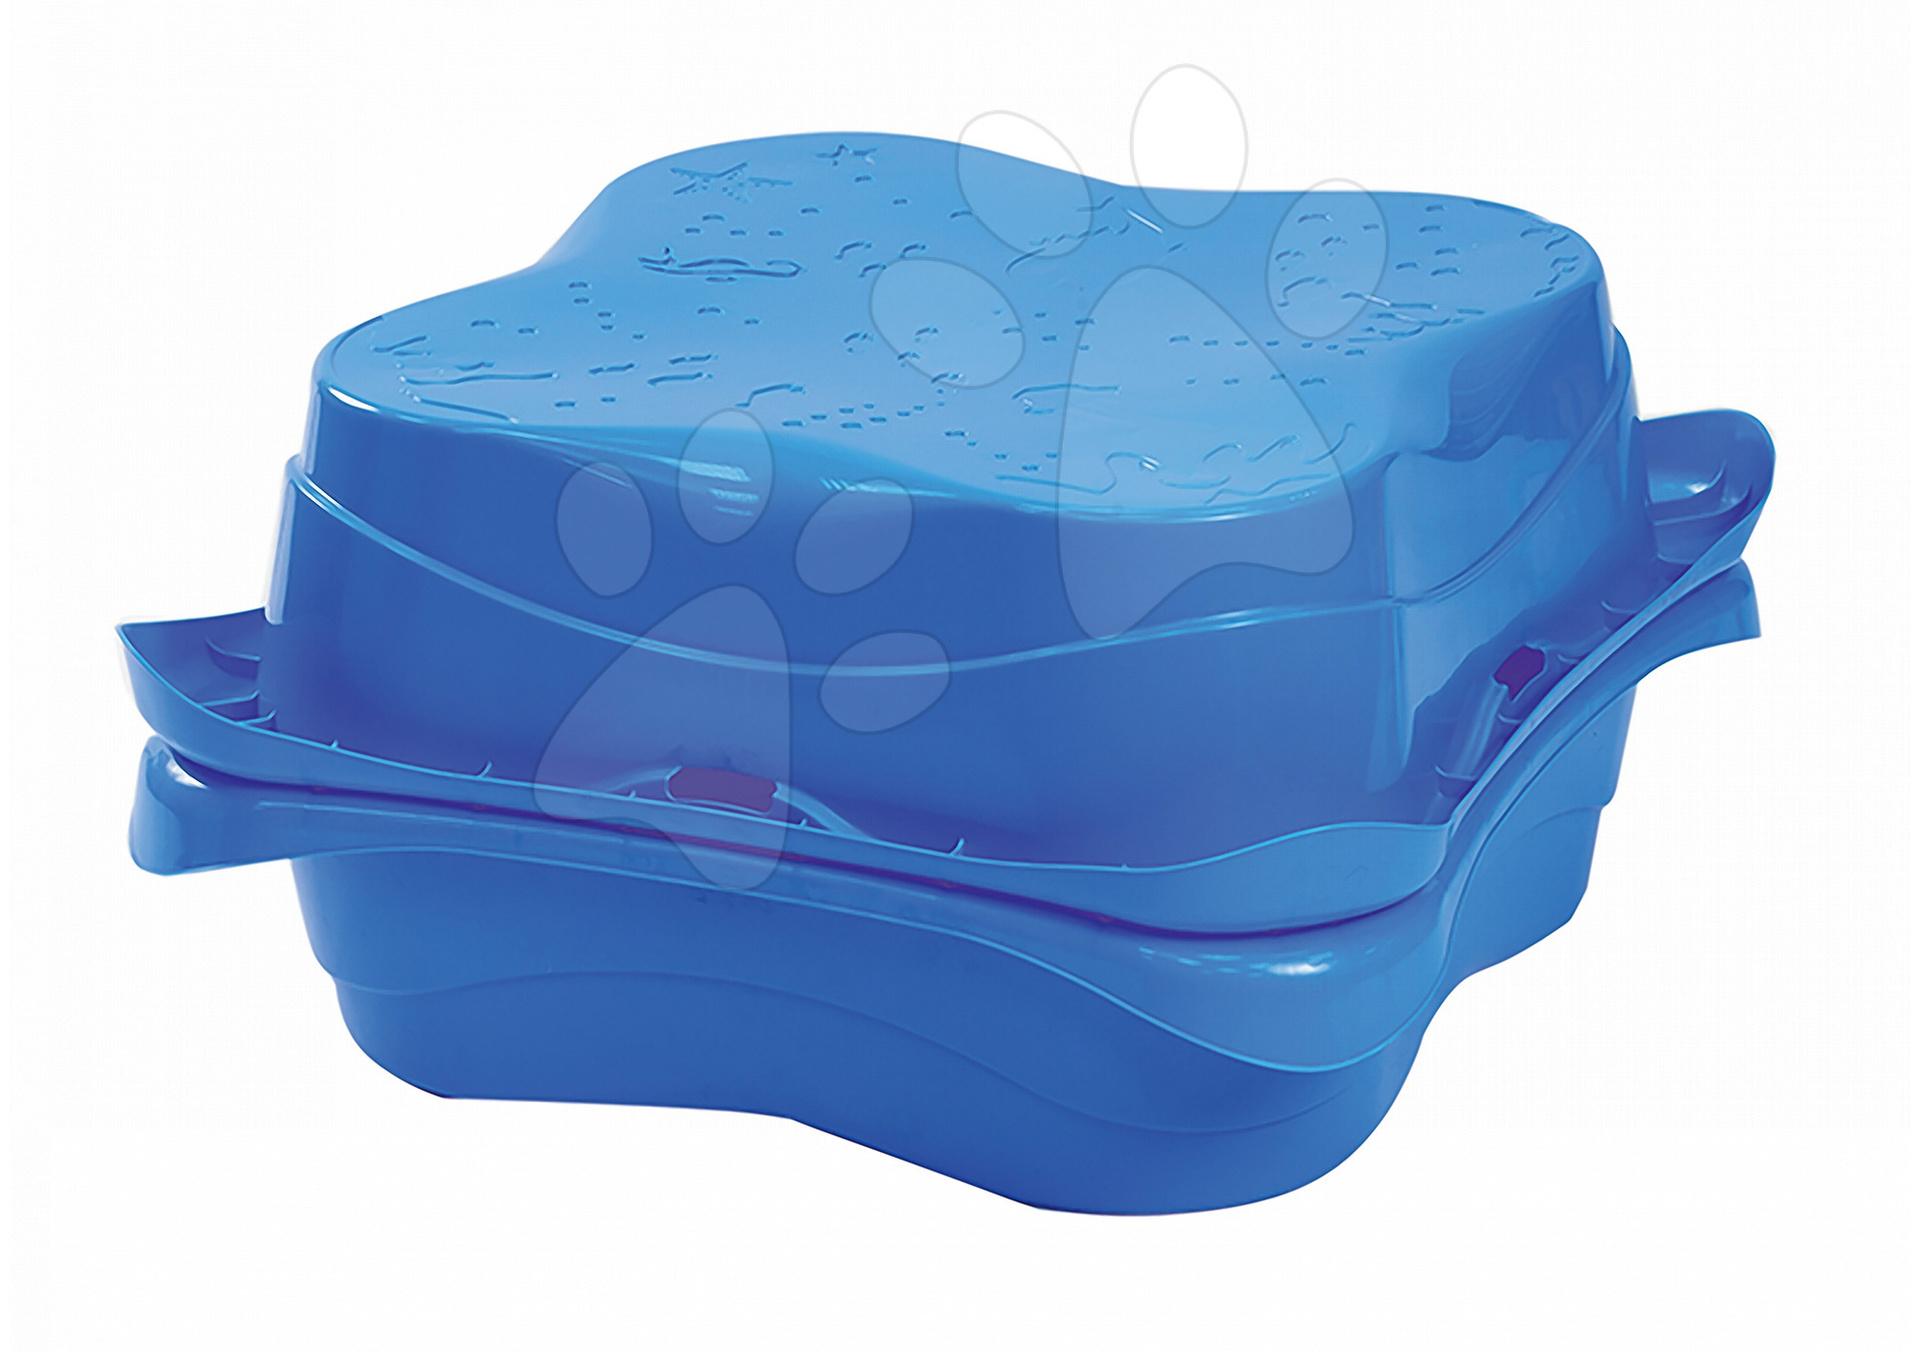 Pieskoviská pre deti - Sada 2 pieskovísk Lagoon Starplast objem 2x62 litrov modré od 24 mes